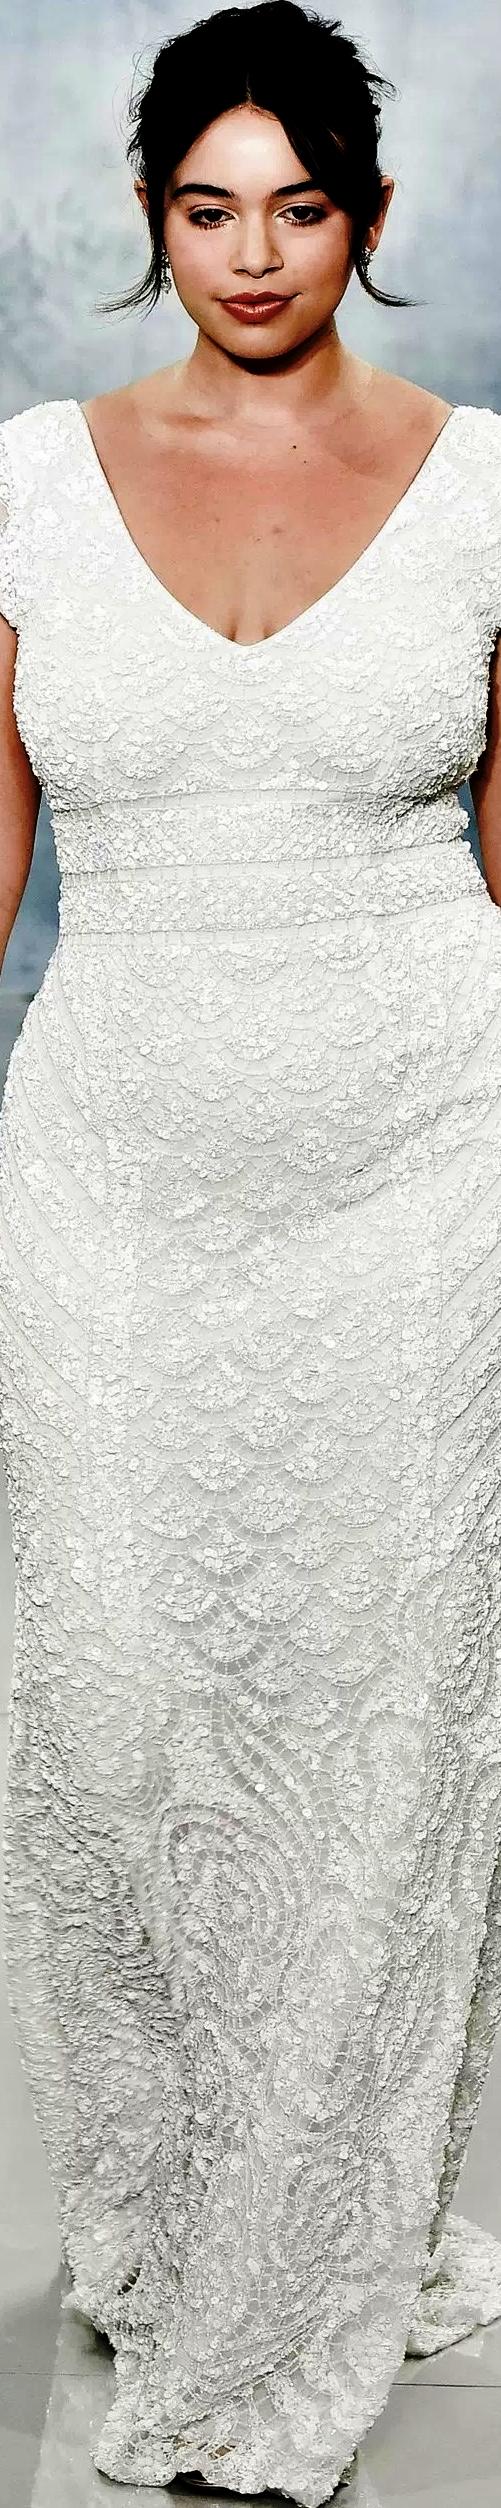 Theia wedding dresses  Theia Bridal Fall   THEIA  Pinterest  Theia bridal and Couture